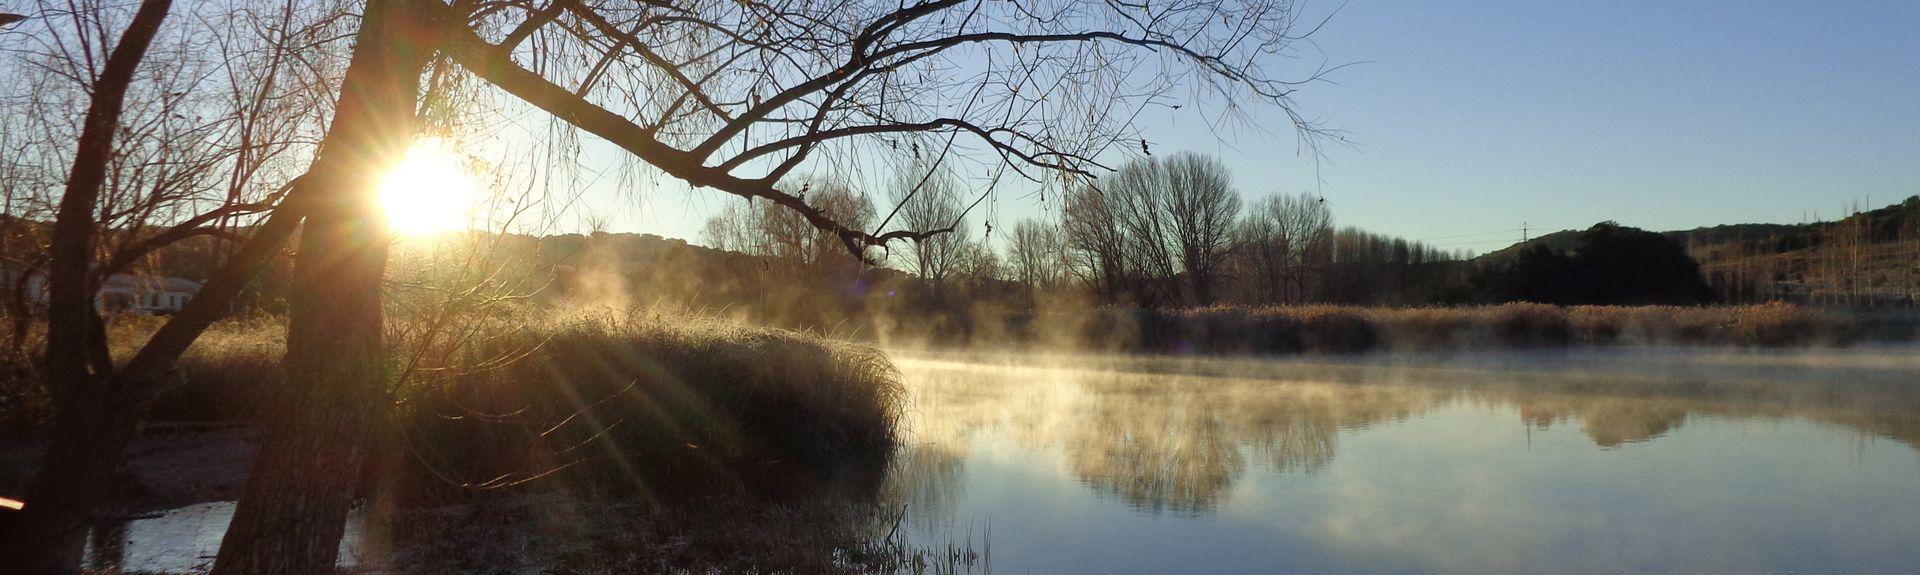 Parque natural de las Lagunas de Ruidera, Castela - La Mancha, Espanha